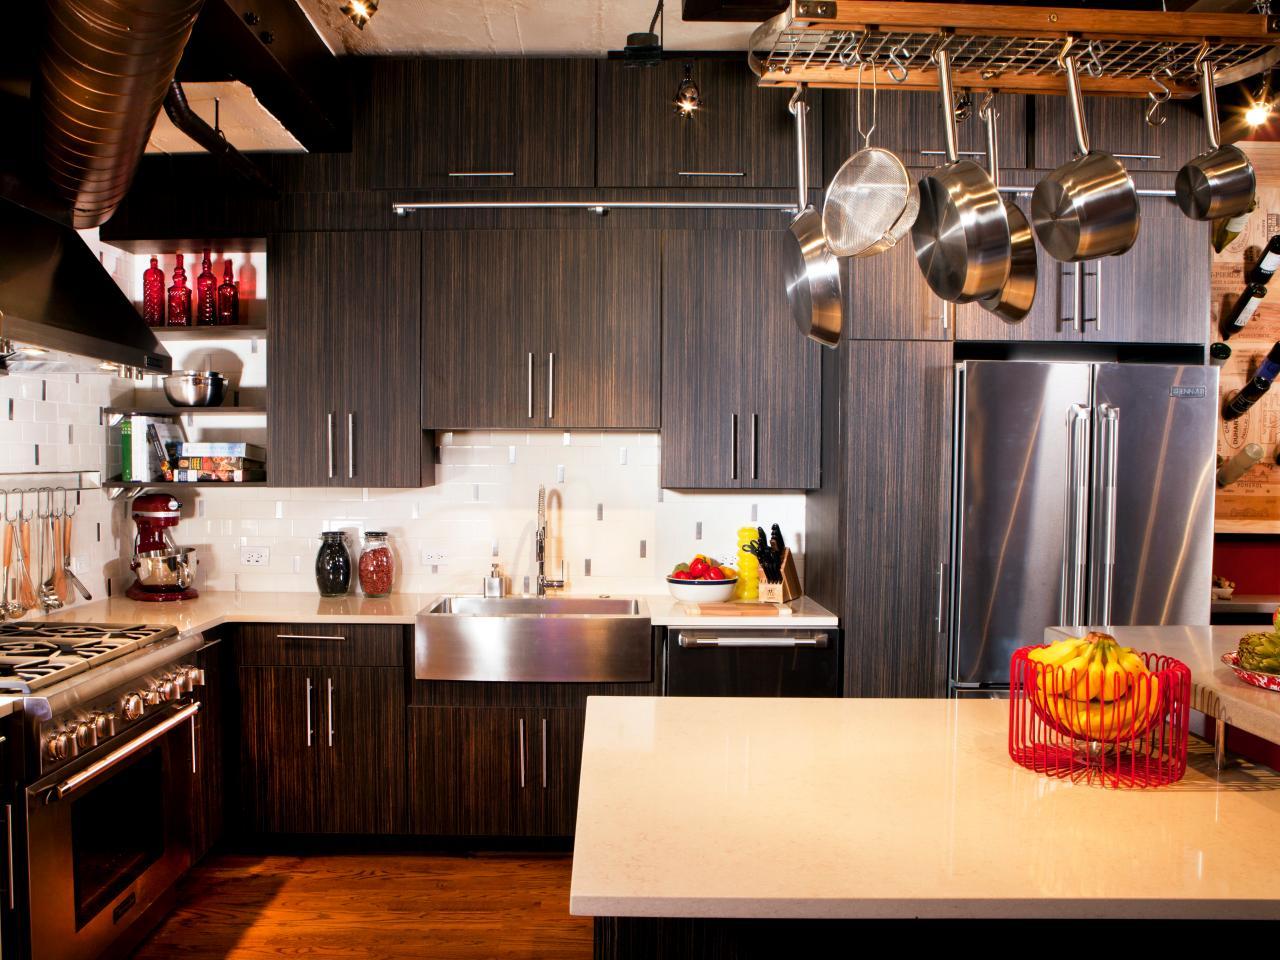 h2dsw205_eclectic-cuisine-3_s4x3-jpg-rend-hgtvcom-1280-960